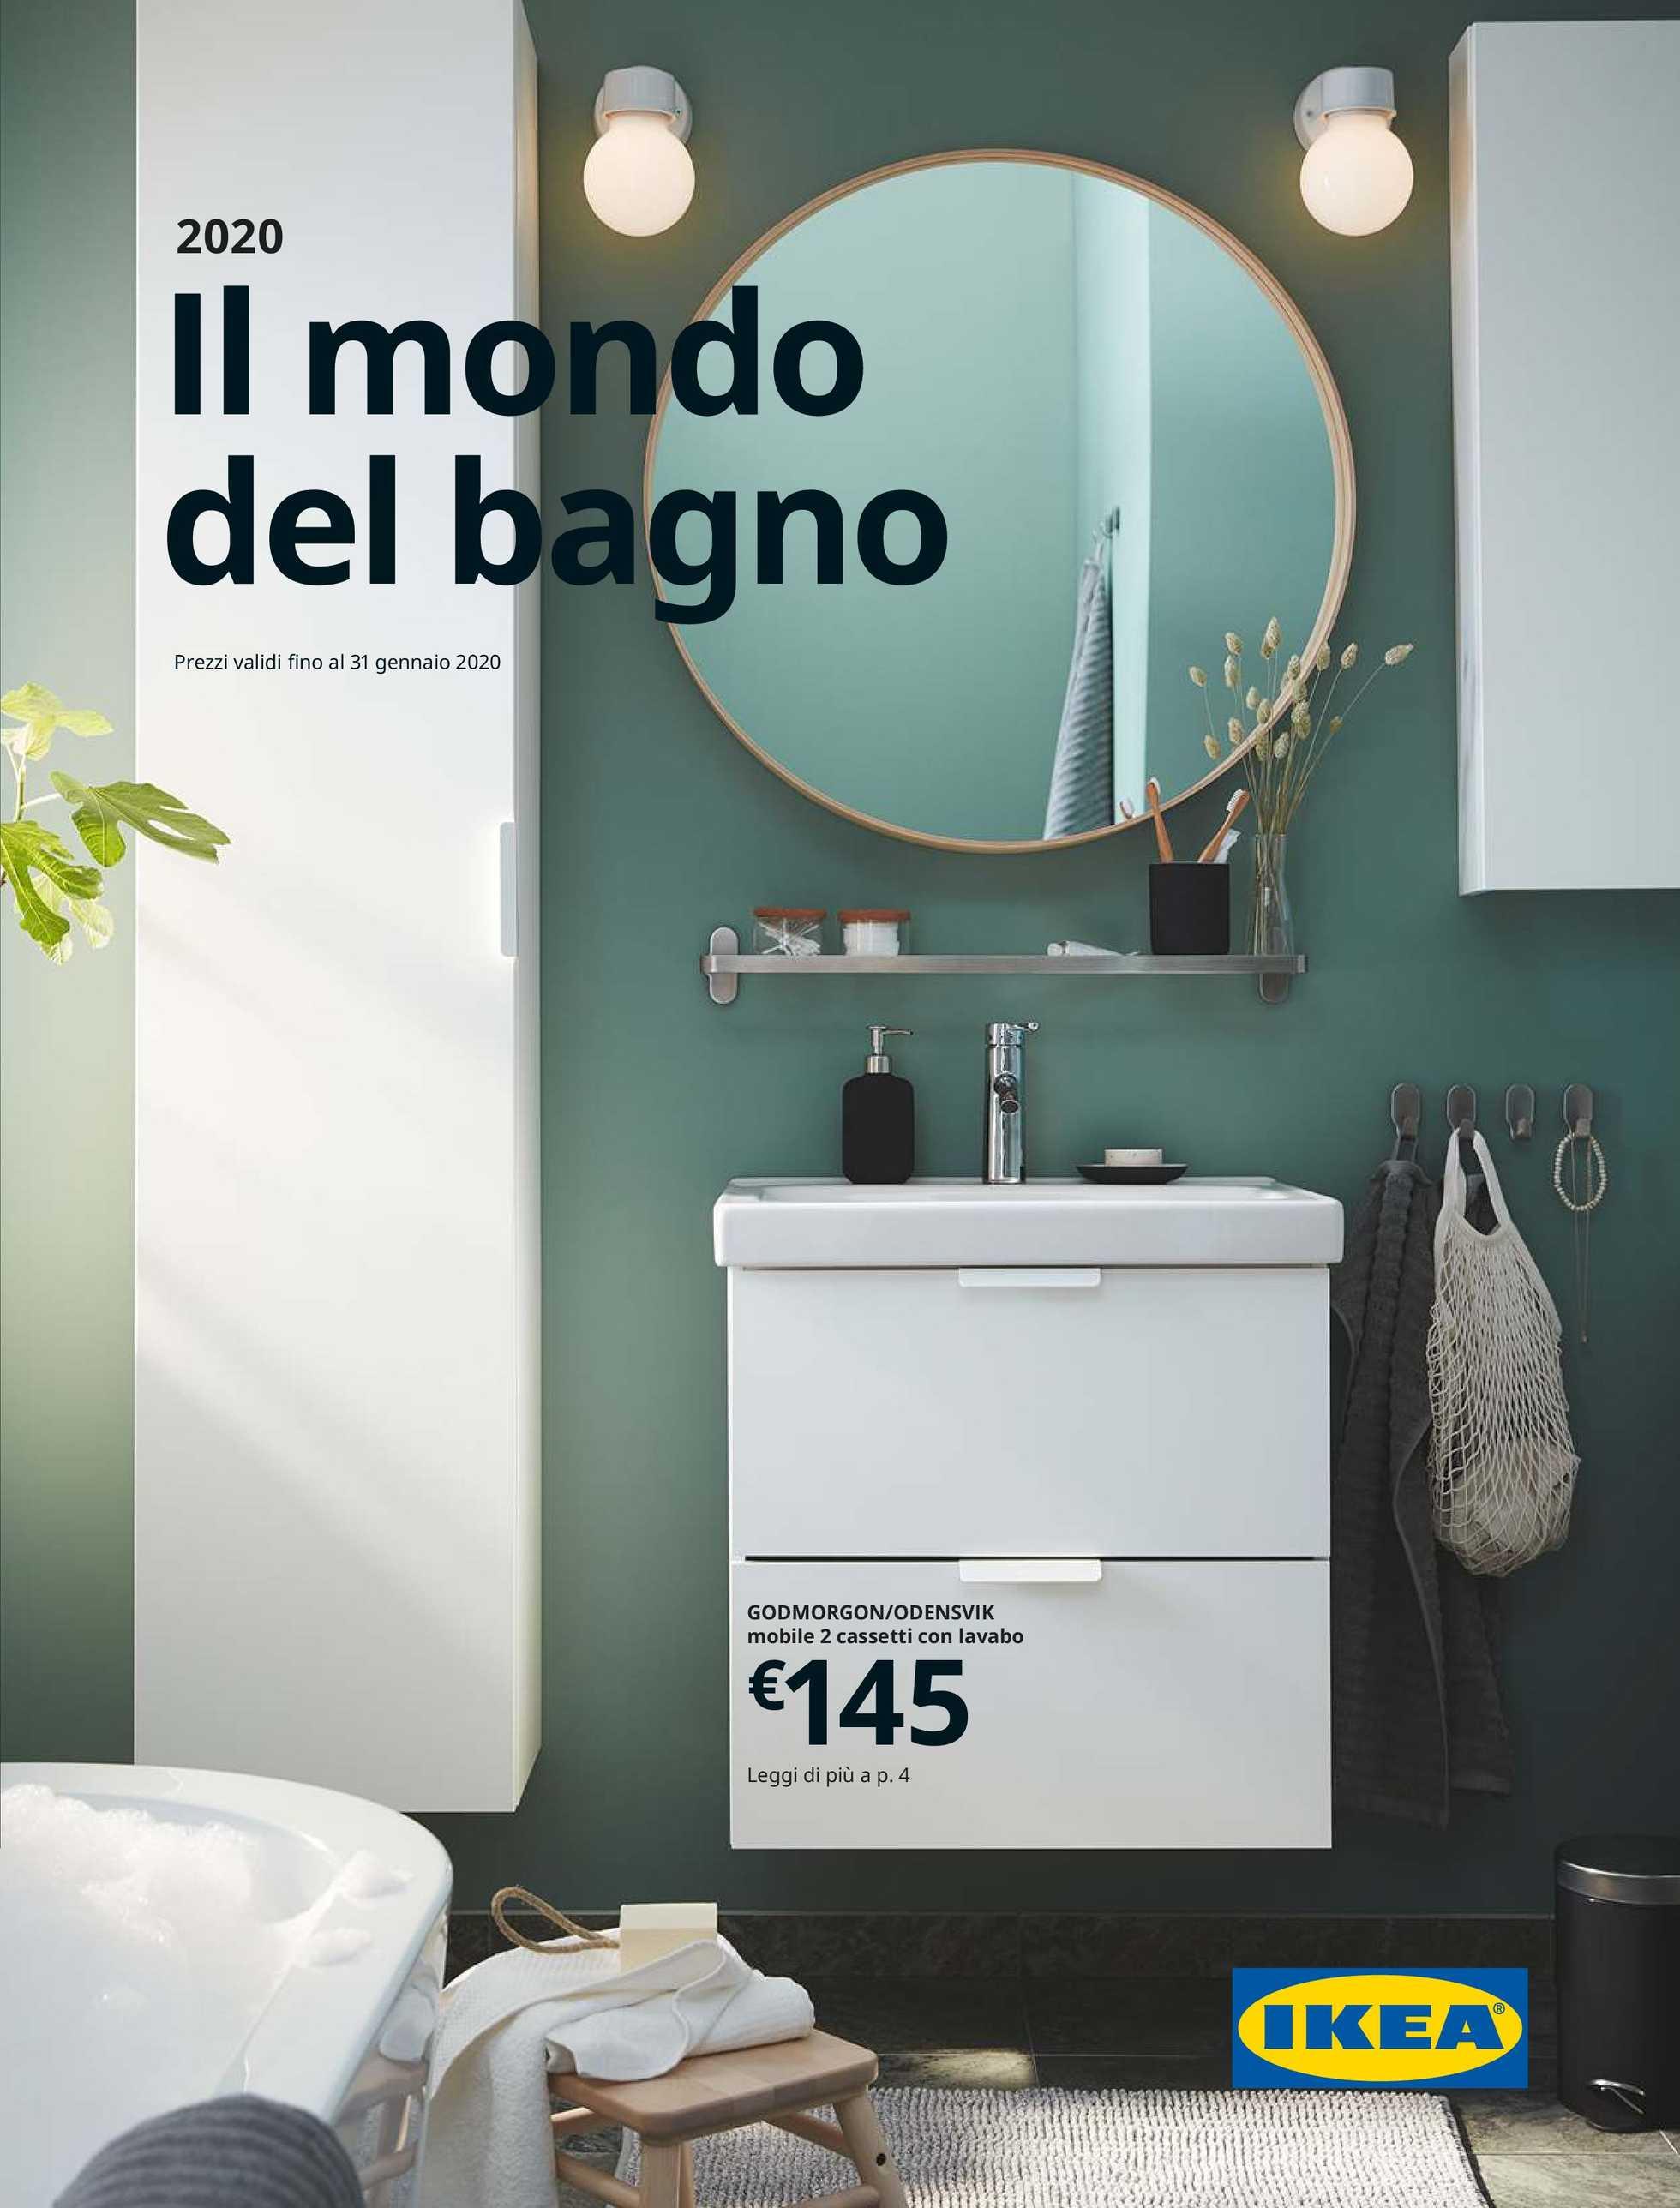 Volantino IKEA   Le ultime offerte   it.promotons.com